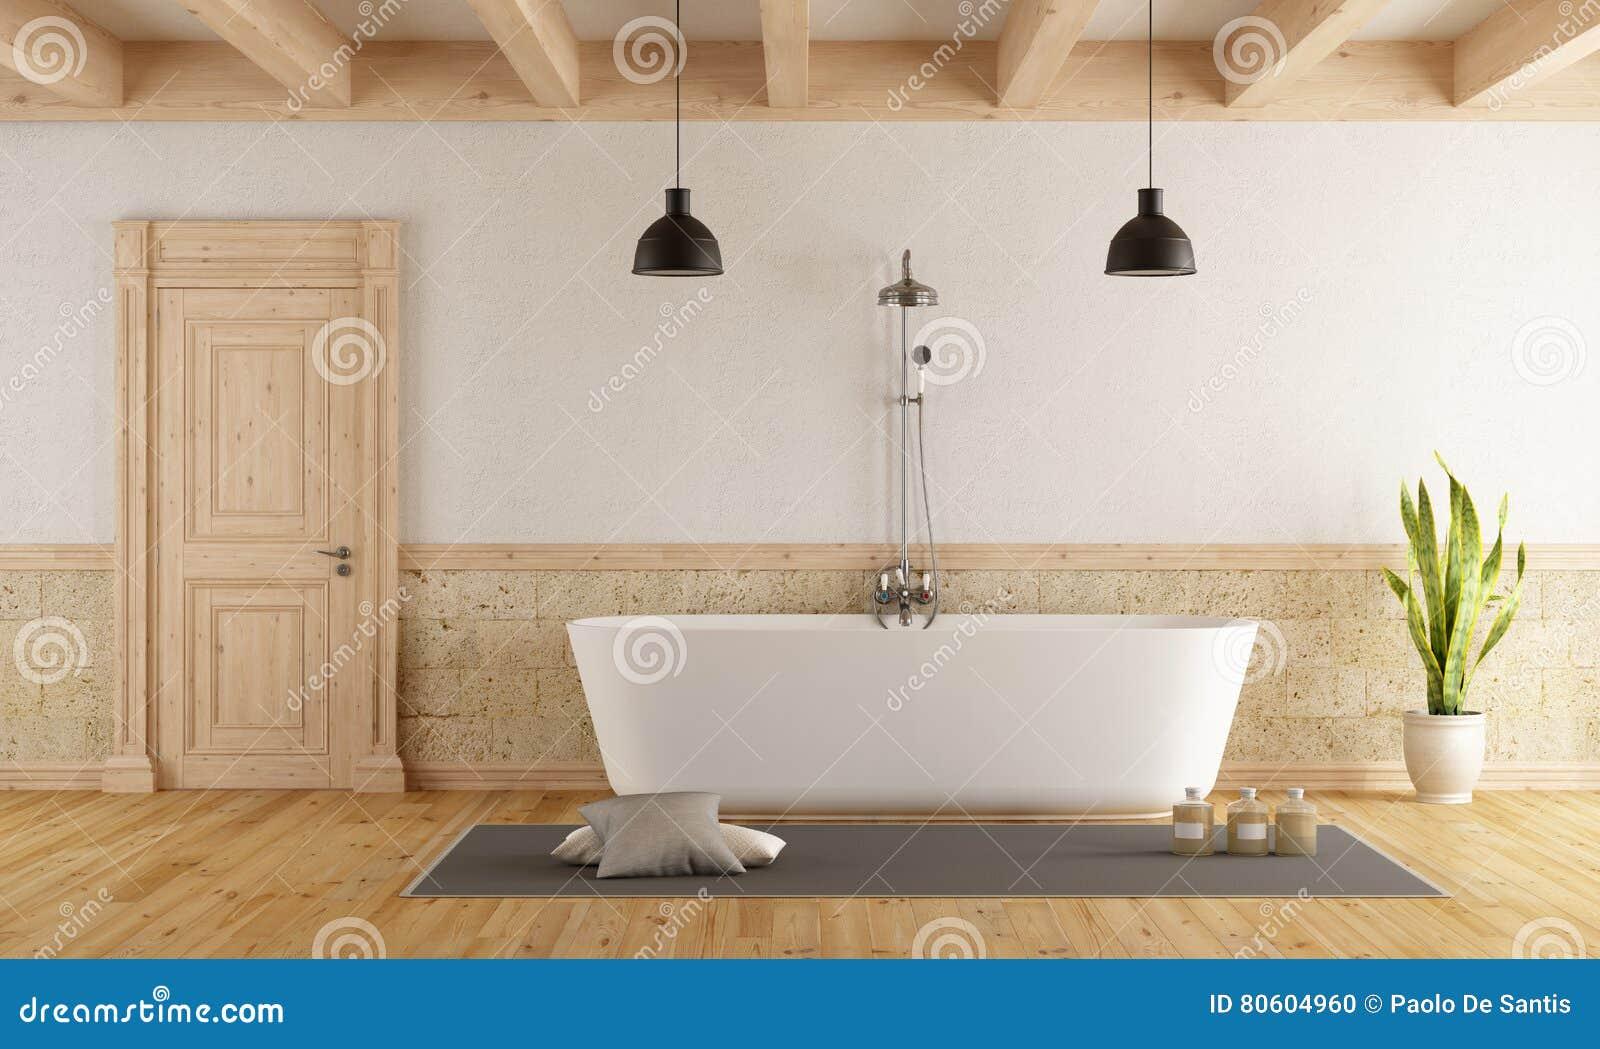 Vasca Da Bagno Rustica : Vasca moderna in una stanza rustica illustrazione di stock